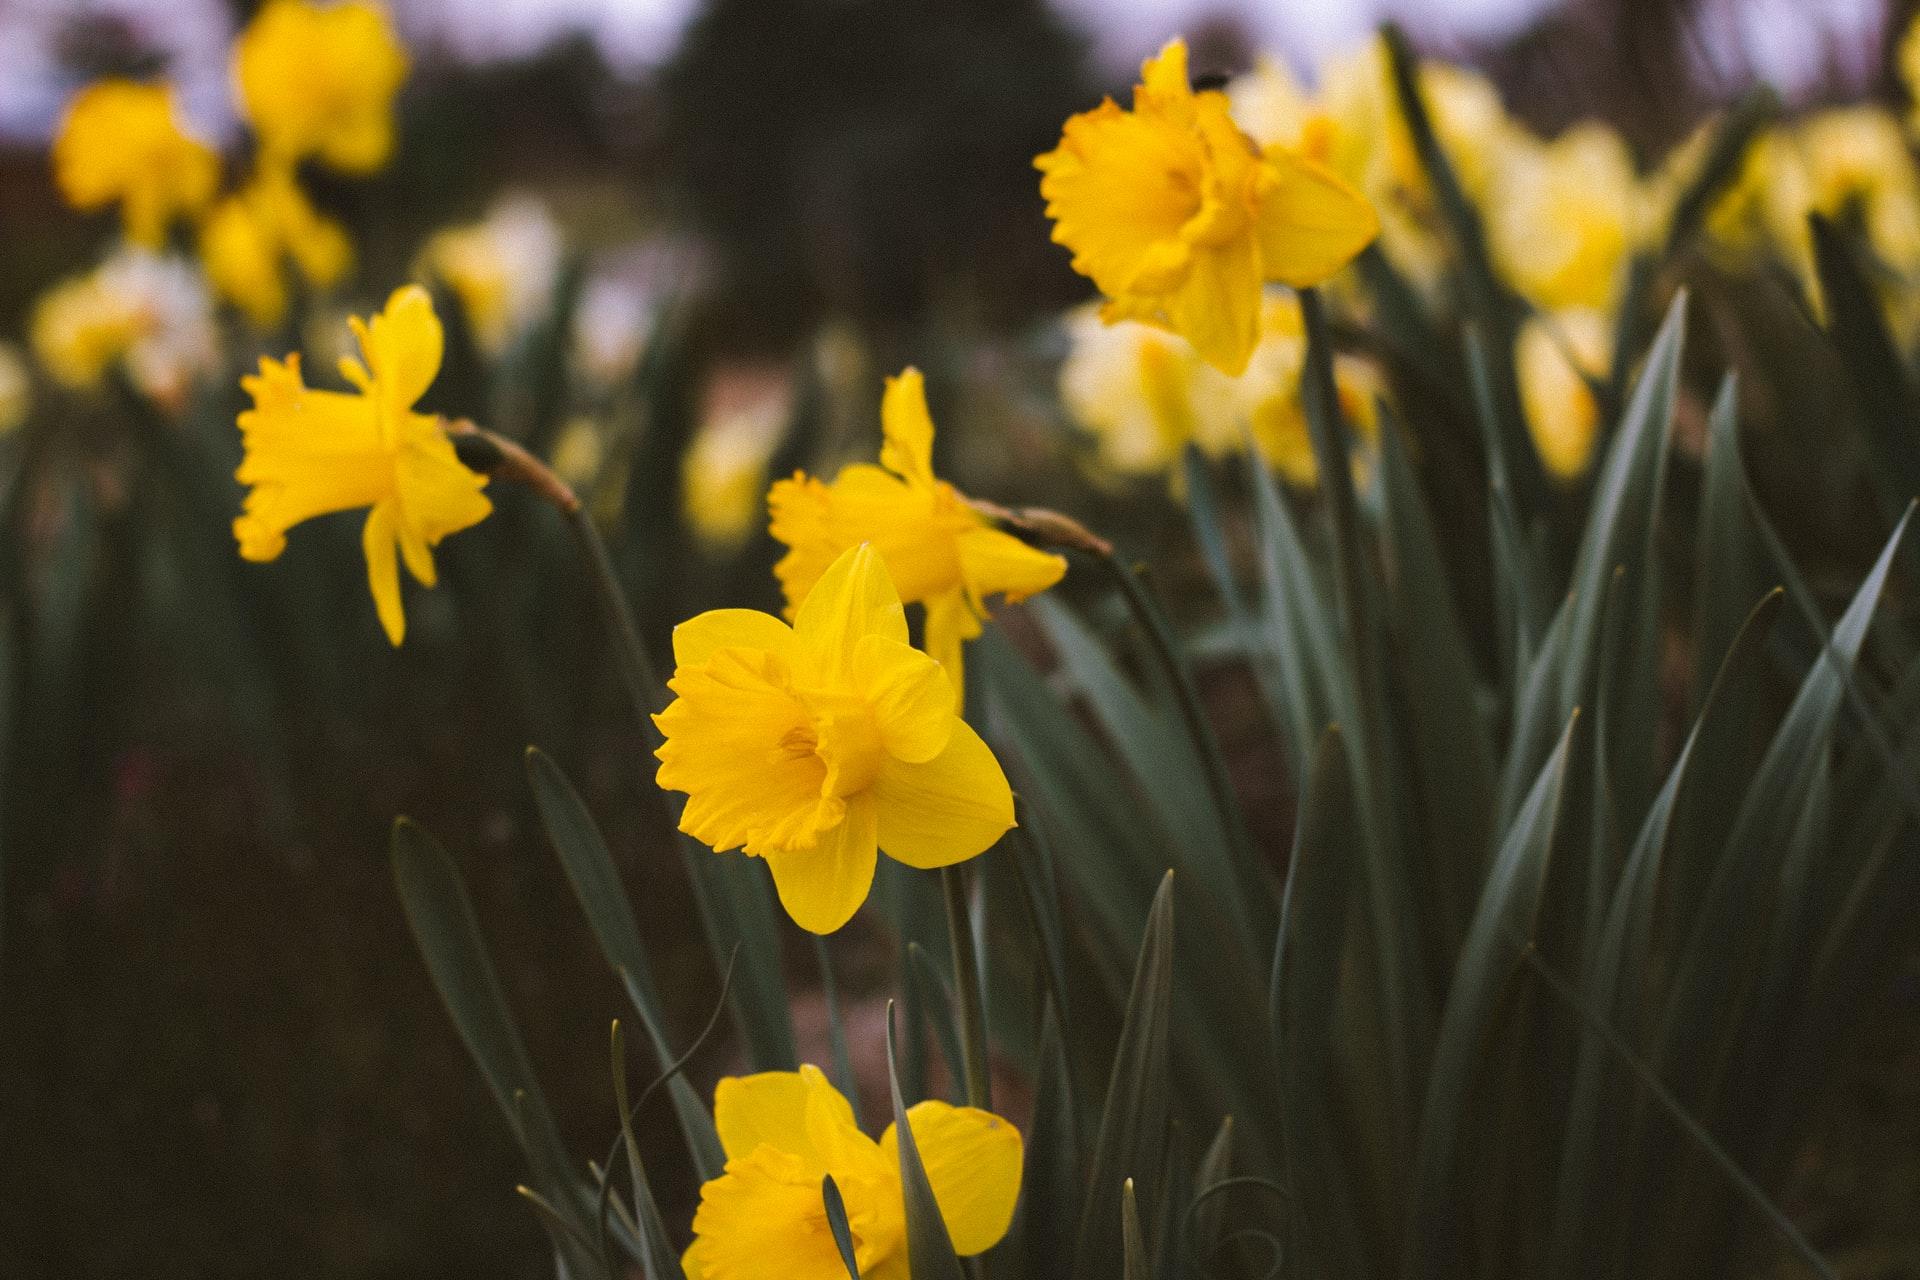 Forårets bier er vilde med blomsterløg: Derfor skal du plante dem ud